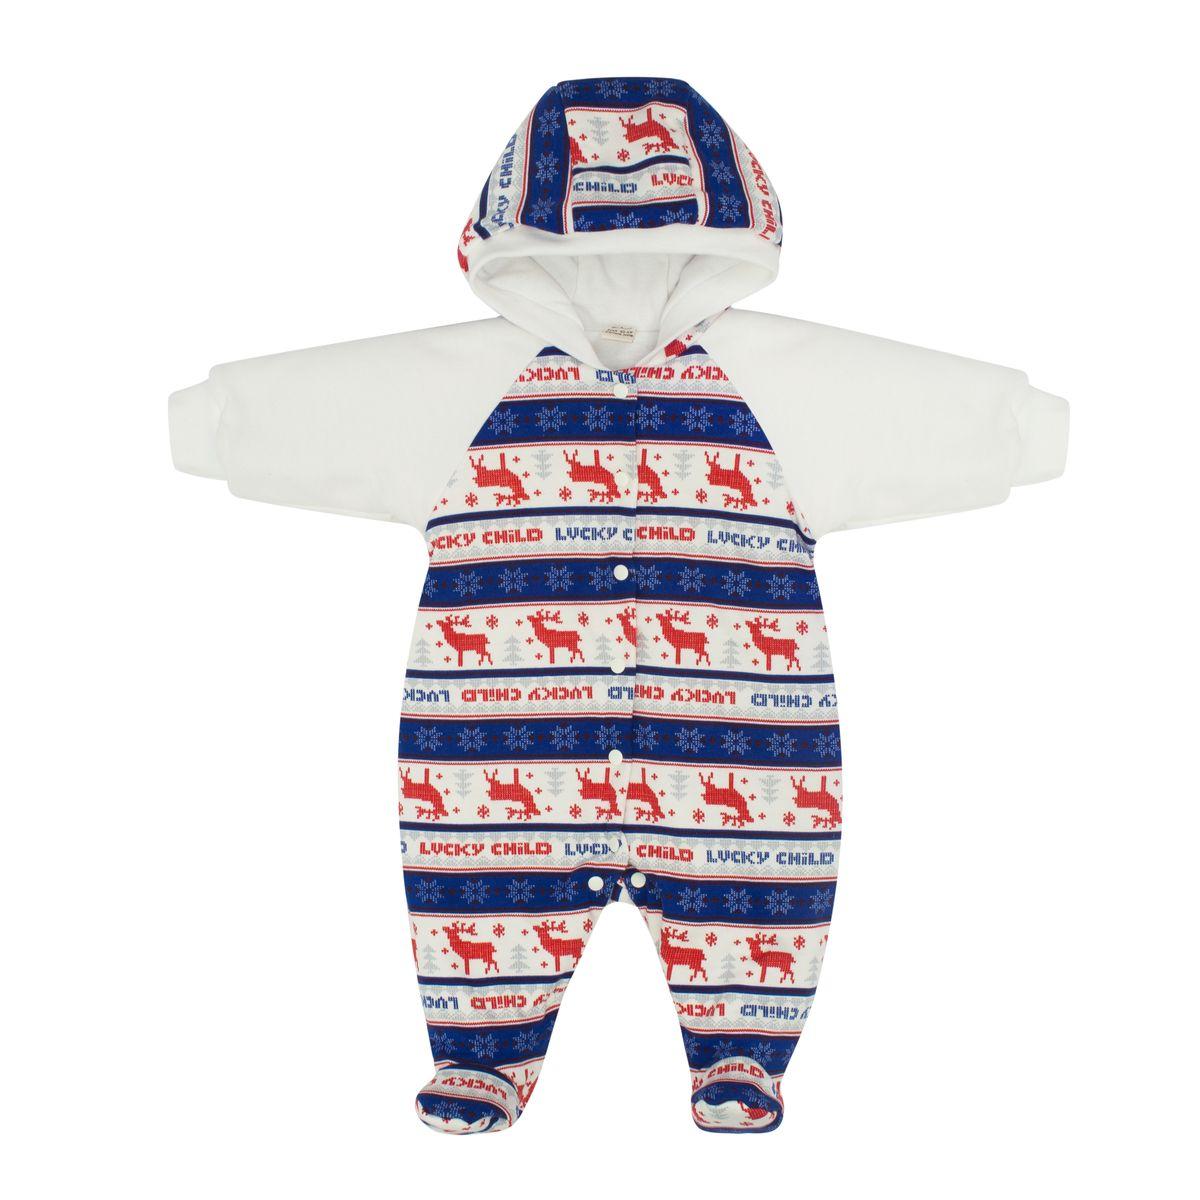 Комбинезон детский Lucky Child Скандинавия, цвет: белый, синий, красный. 10-70. Размер 74/80 комбинезон lucky child ангелочки розовый размер 24 74 80